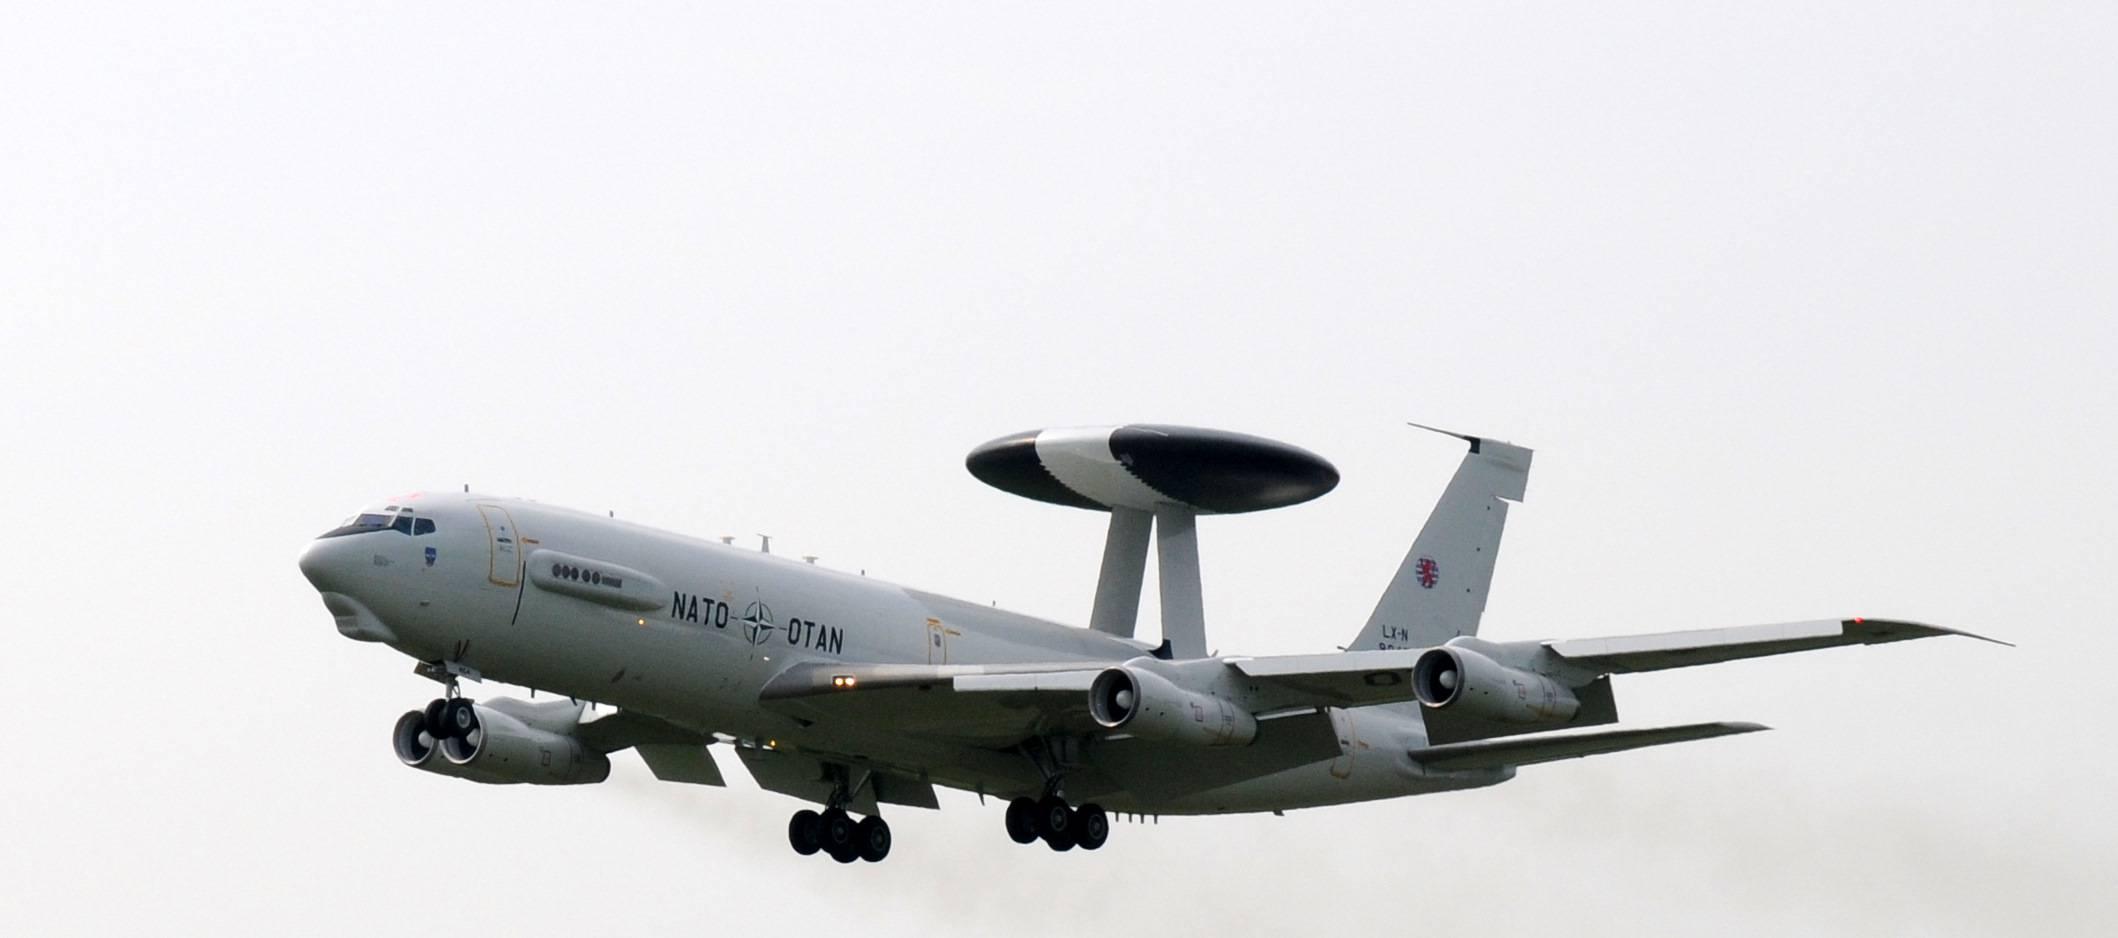 Над Вроцлавом кружит необычный самолет. Видели?